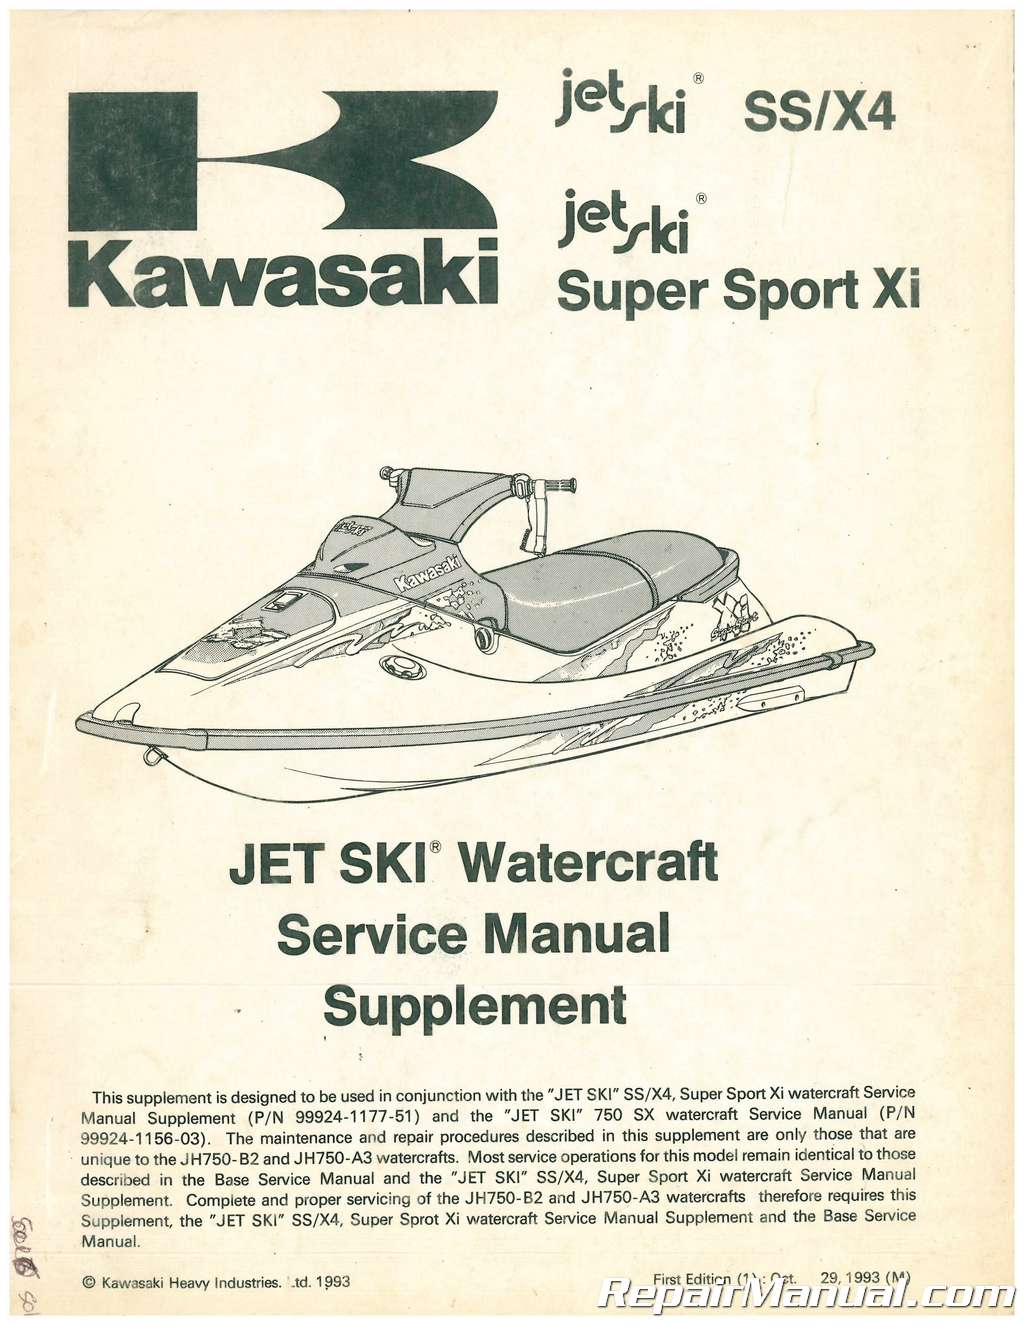 hight resolution of used 1994 kawasaki jet ski ss x4 super sport x1 service manual supplement